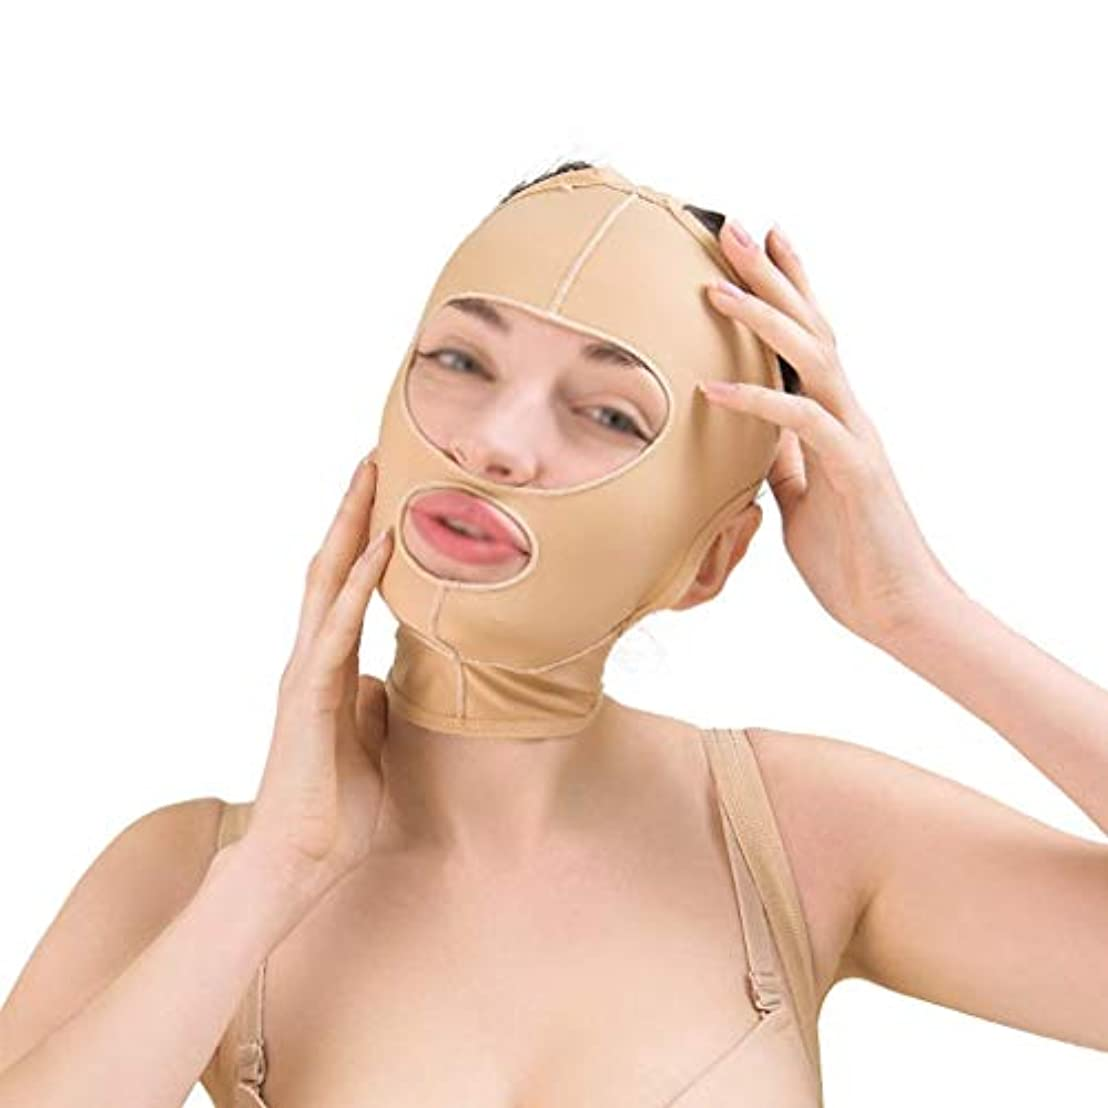 活性化ウェイトレスディレクター美容フェイスリフト減量ベルト、ほおスリムフィット、通気性フェイスリフト、引き締め、リフティング包帯、フェイシャルスキン包帯(サイズ:M),L